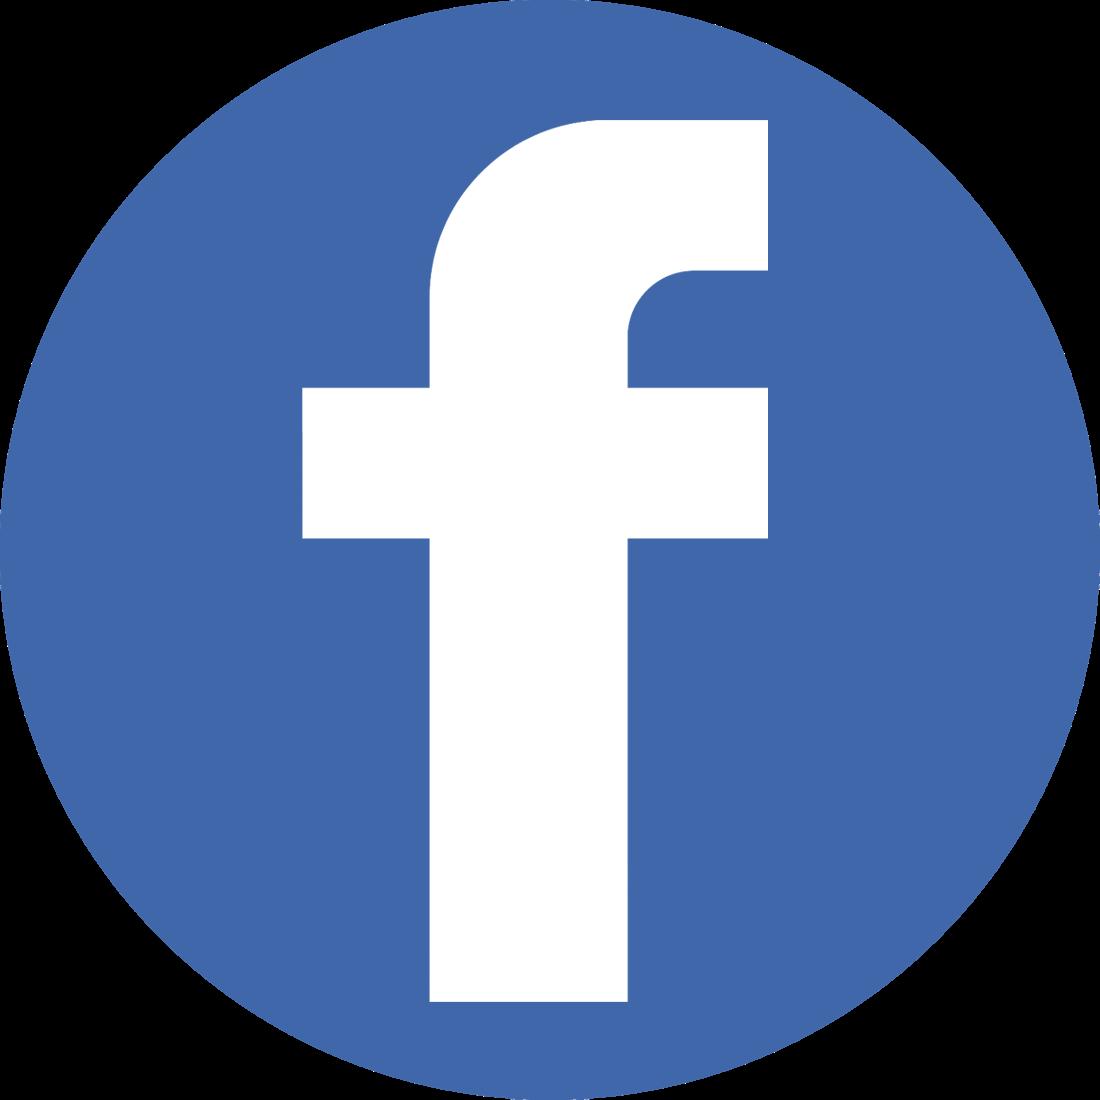 NVG Blog: Facebook icons, Facebook logo vector